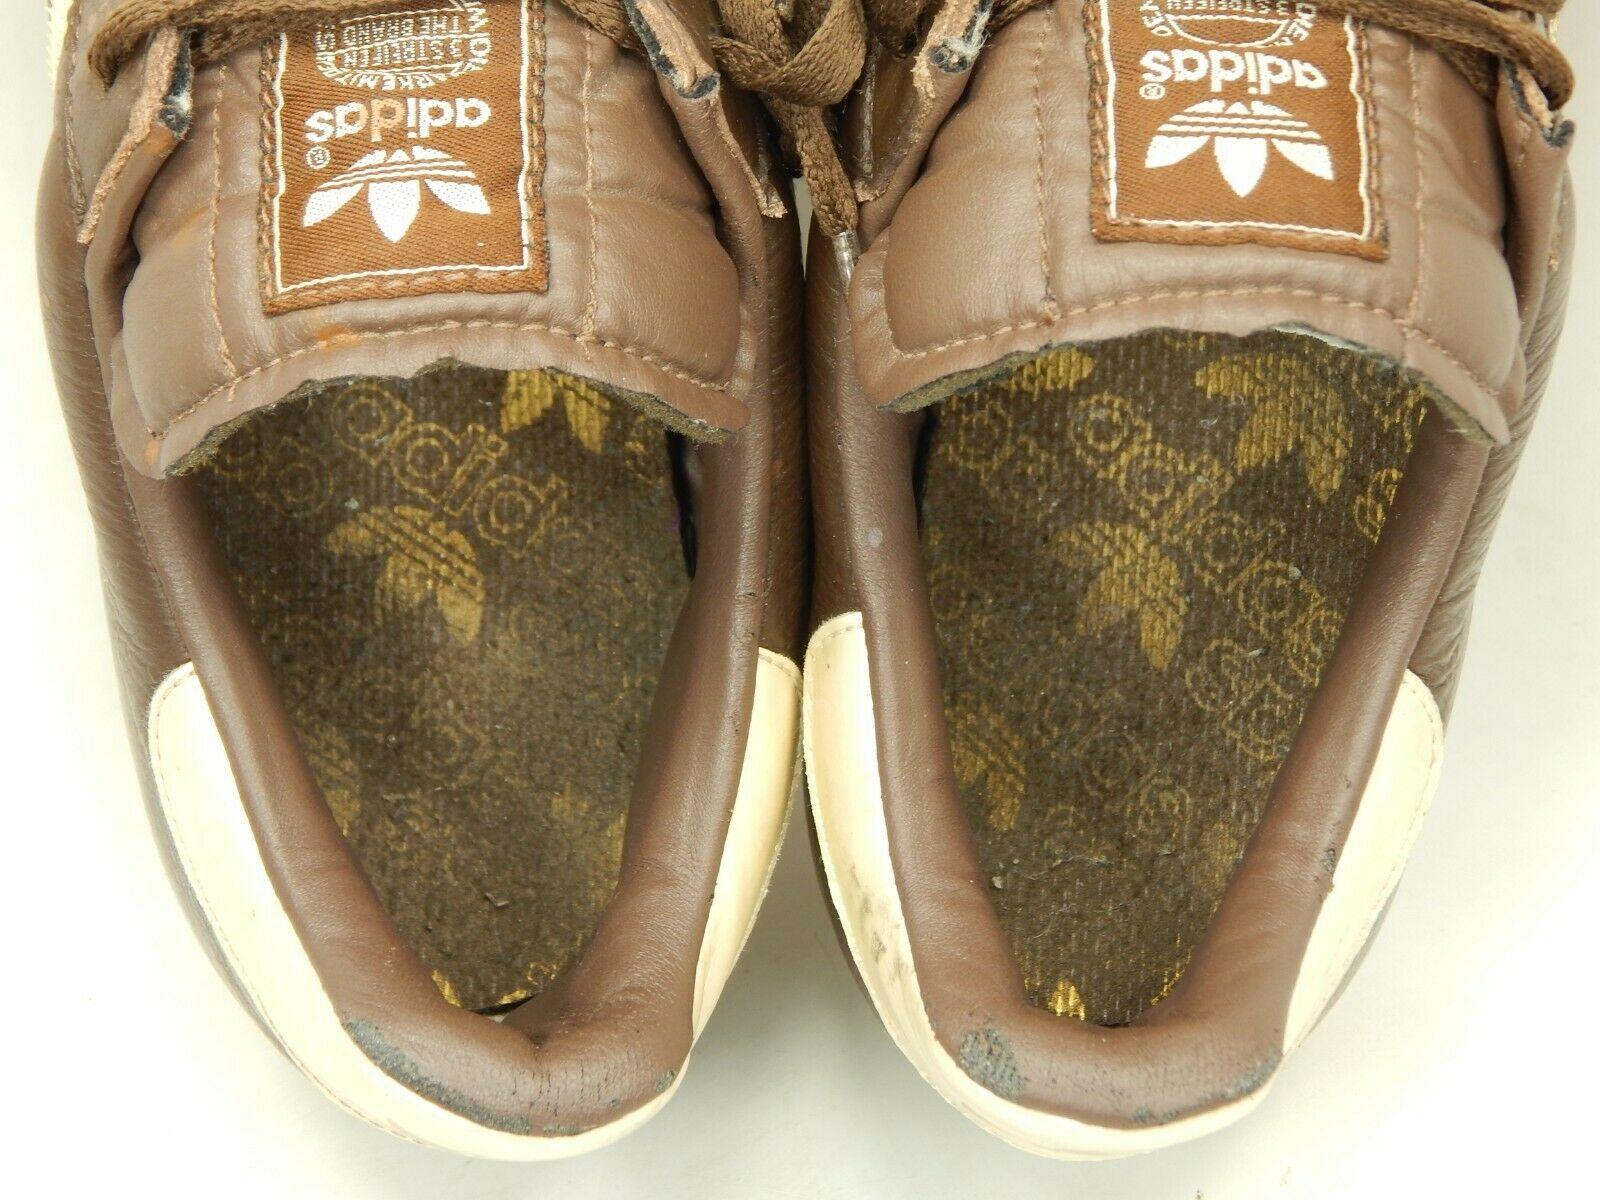 Adidas Samoa Größe US 12 M (D) Eu 46 2/3 Herren Freizeit Turnschuhe Braune image 10